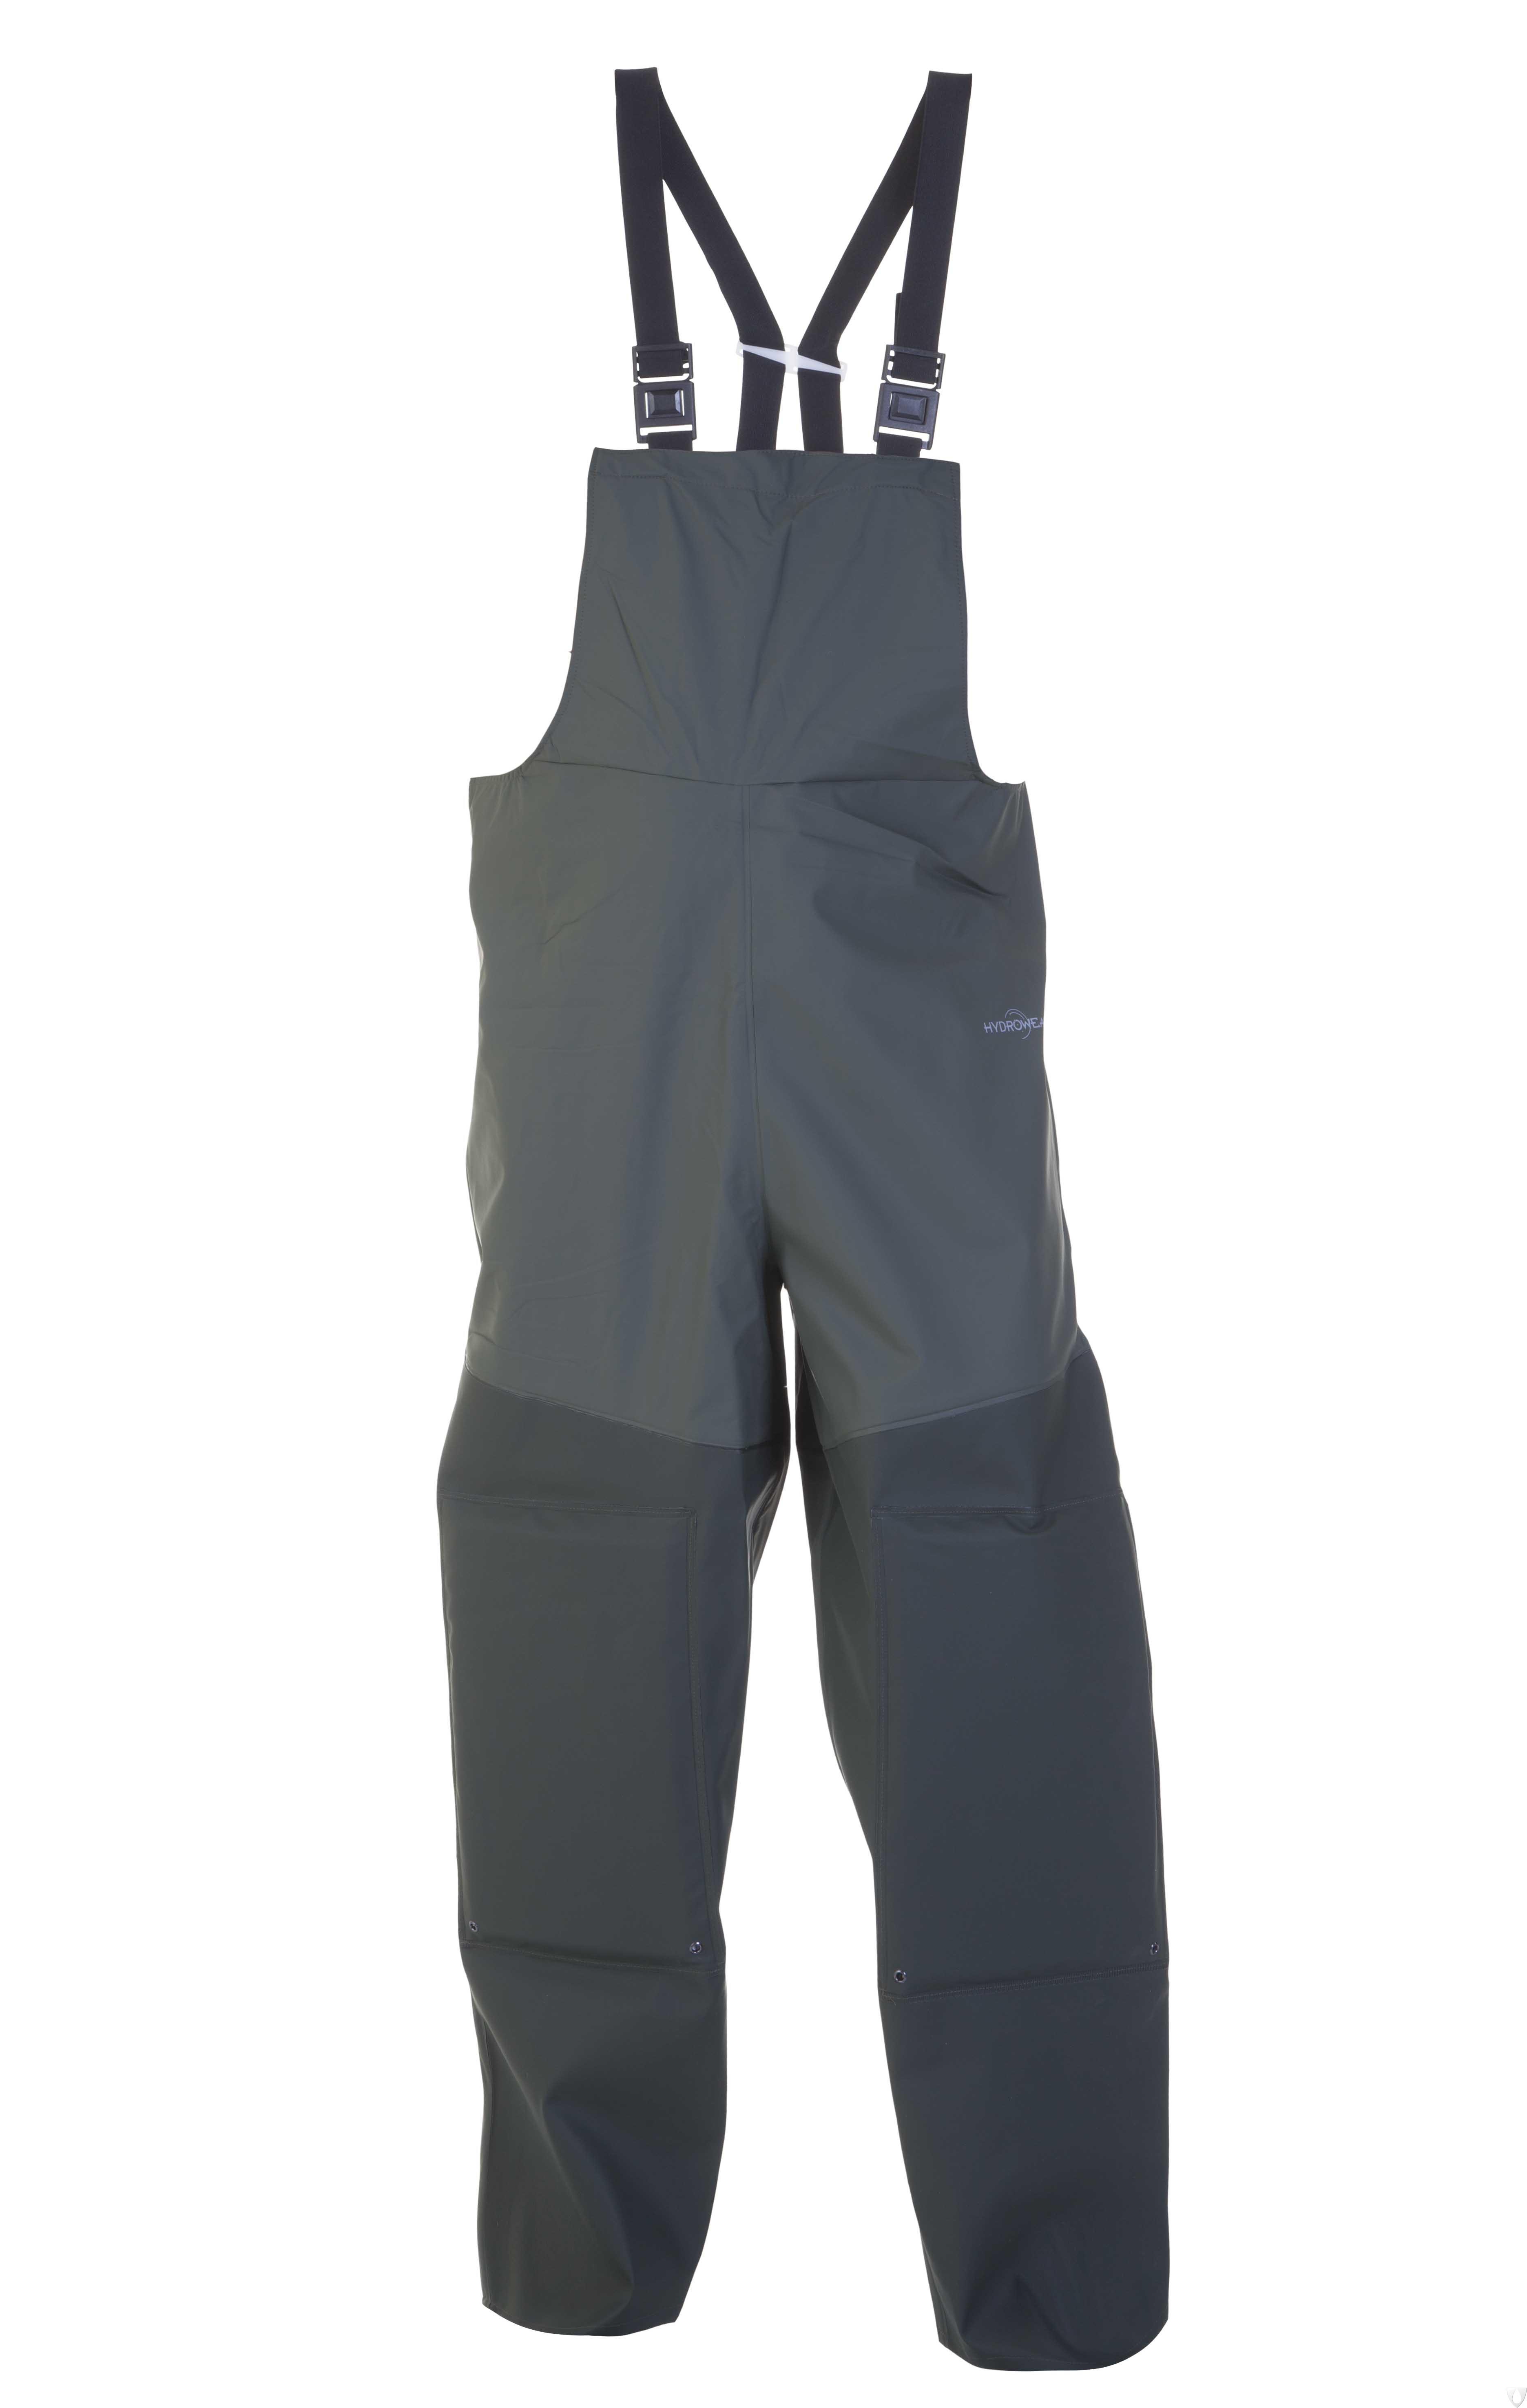 014044 Hydrowear Trouser Hydrosoft Saxby